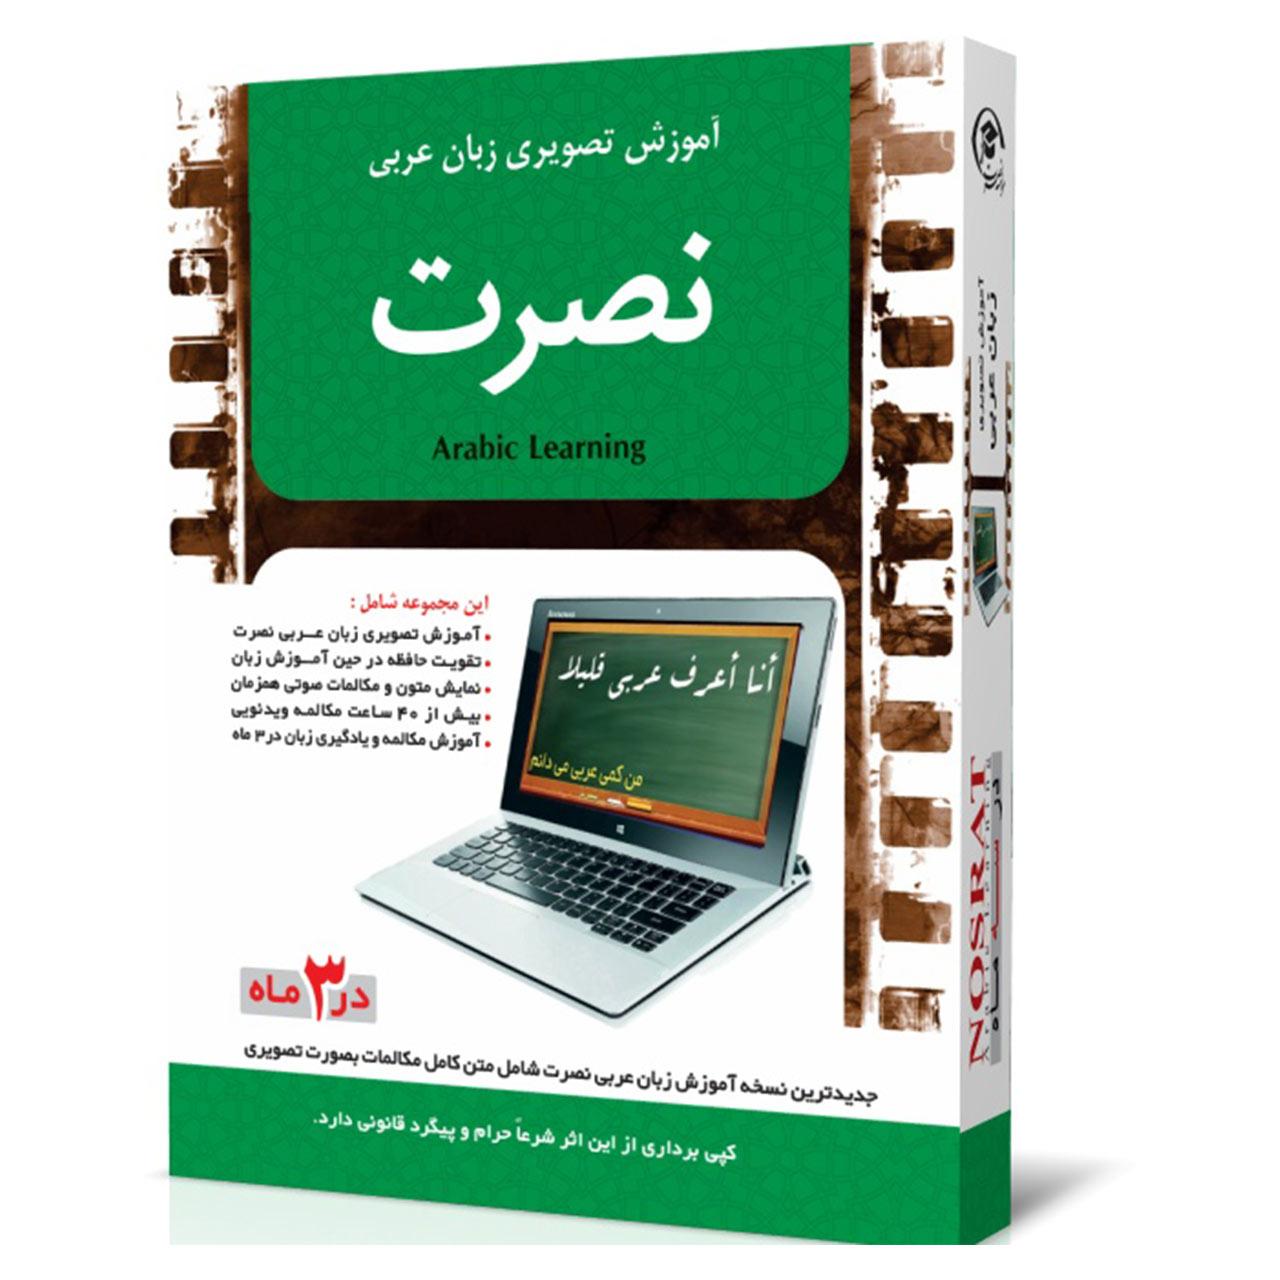 نرم افزار آموزش تصویری زبان عربی موسسه نصرت اندیشه مبنا